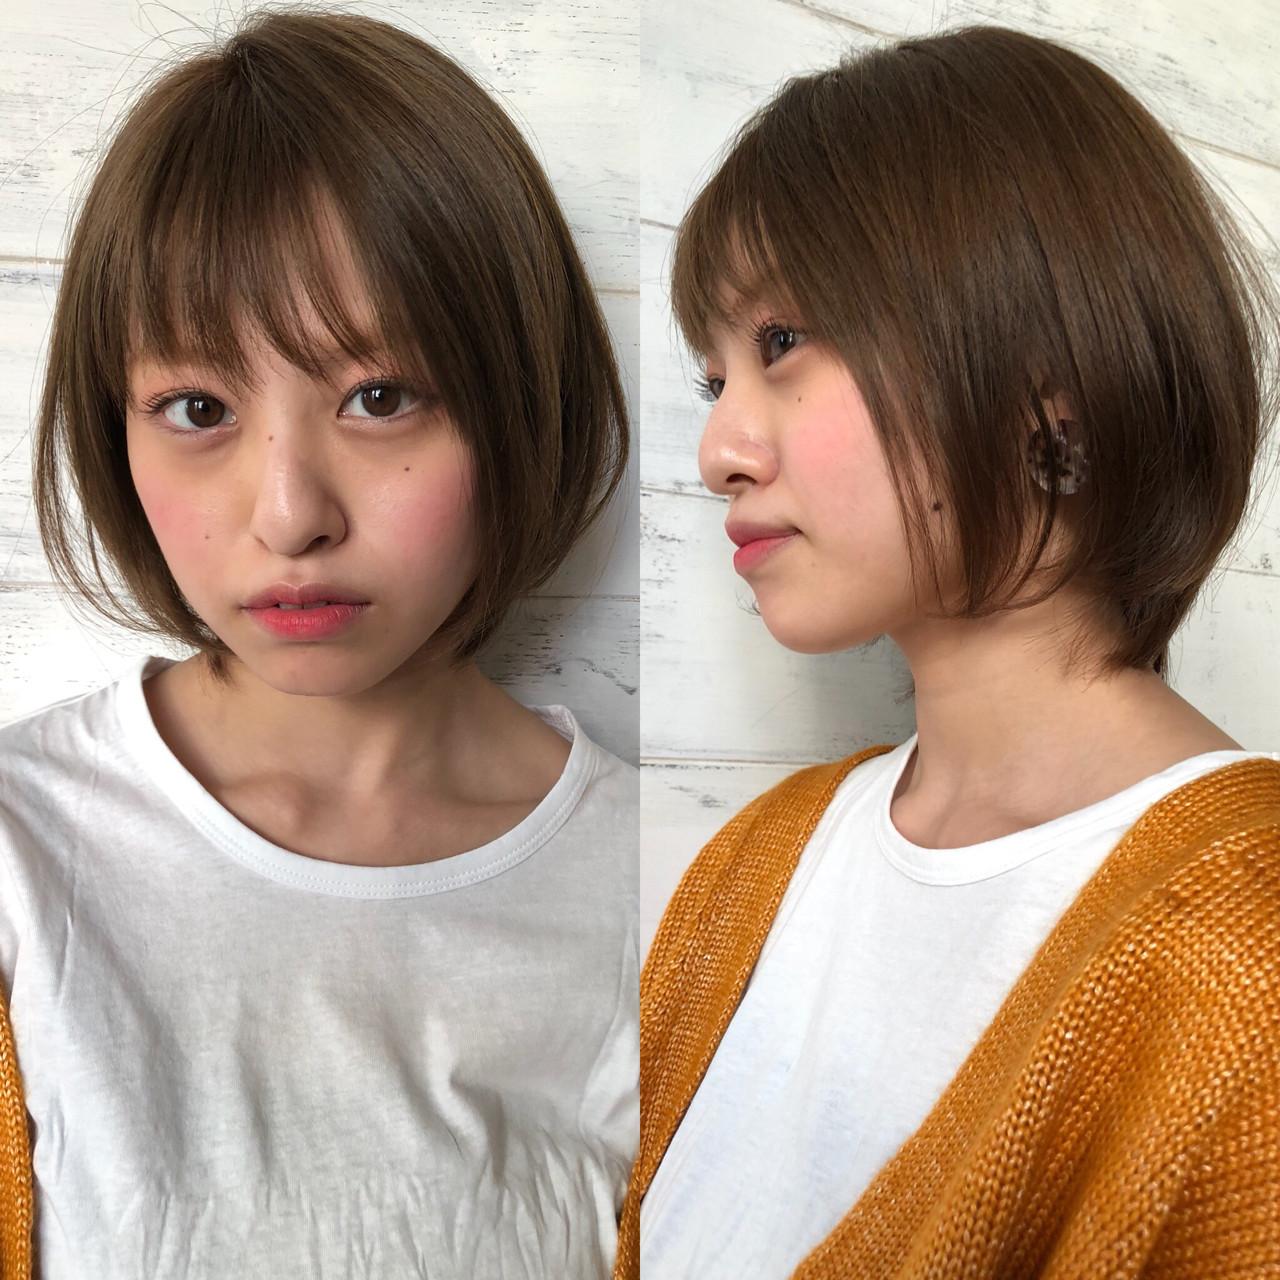 オフィス ボブ ヘアアレンジ 簡単ヘアアレンジ ヘアスタイルや髪型の写真・画像 | ナガヤ アキラ joemi 新宿 / joemi by Un ami